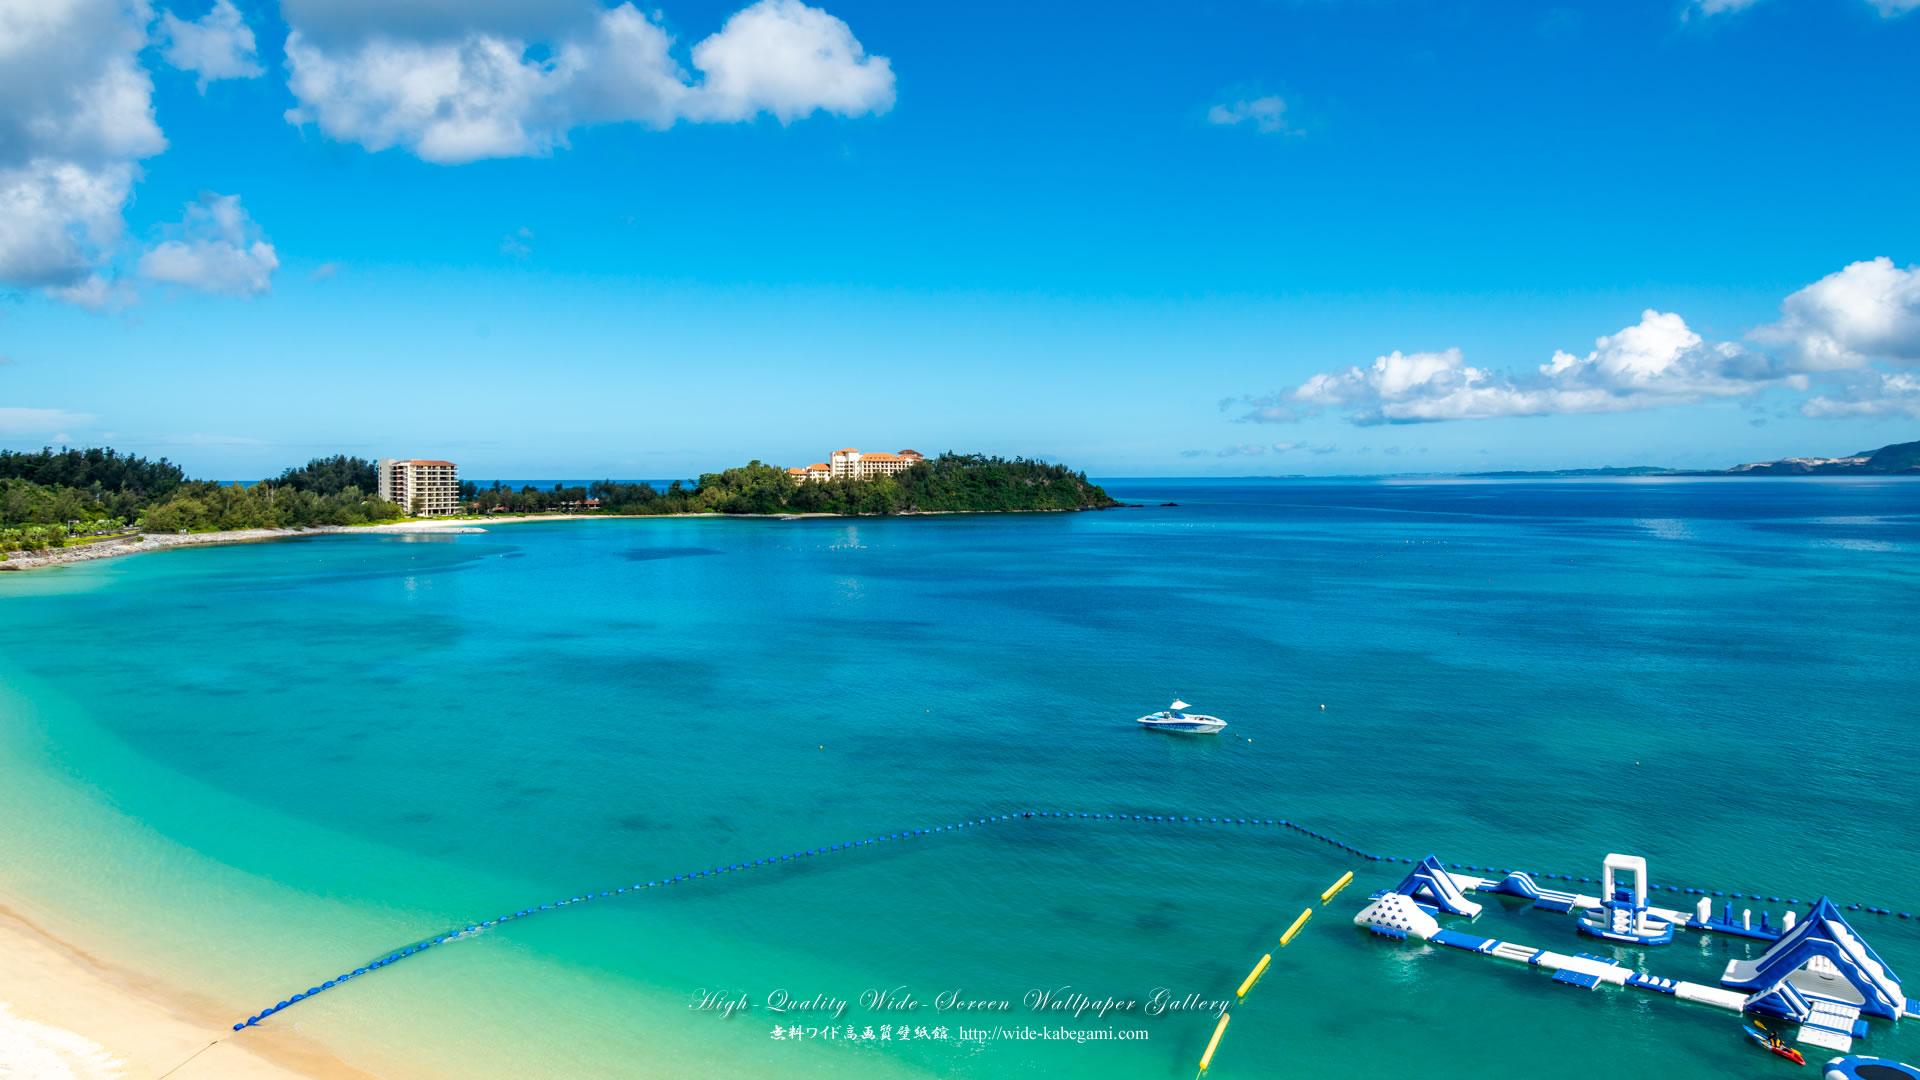 自然風景のワイド壁紙 1920x1080 沖縄 エメラルドグリーンのリゾート